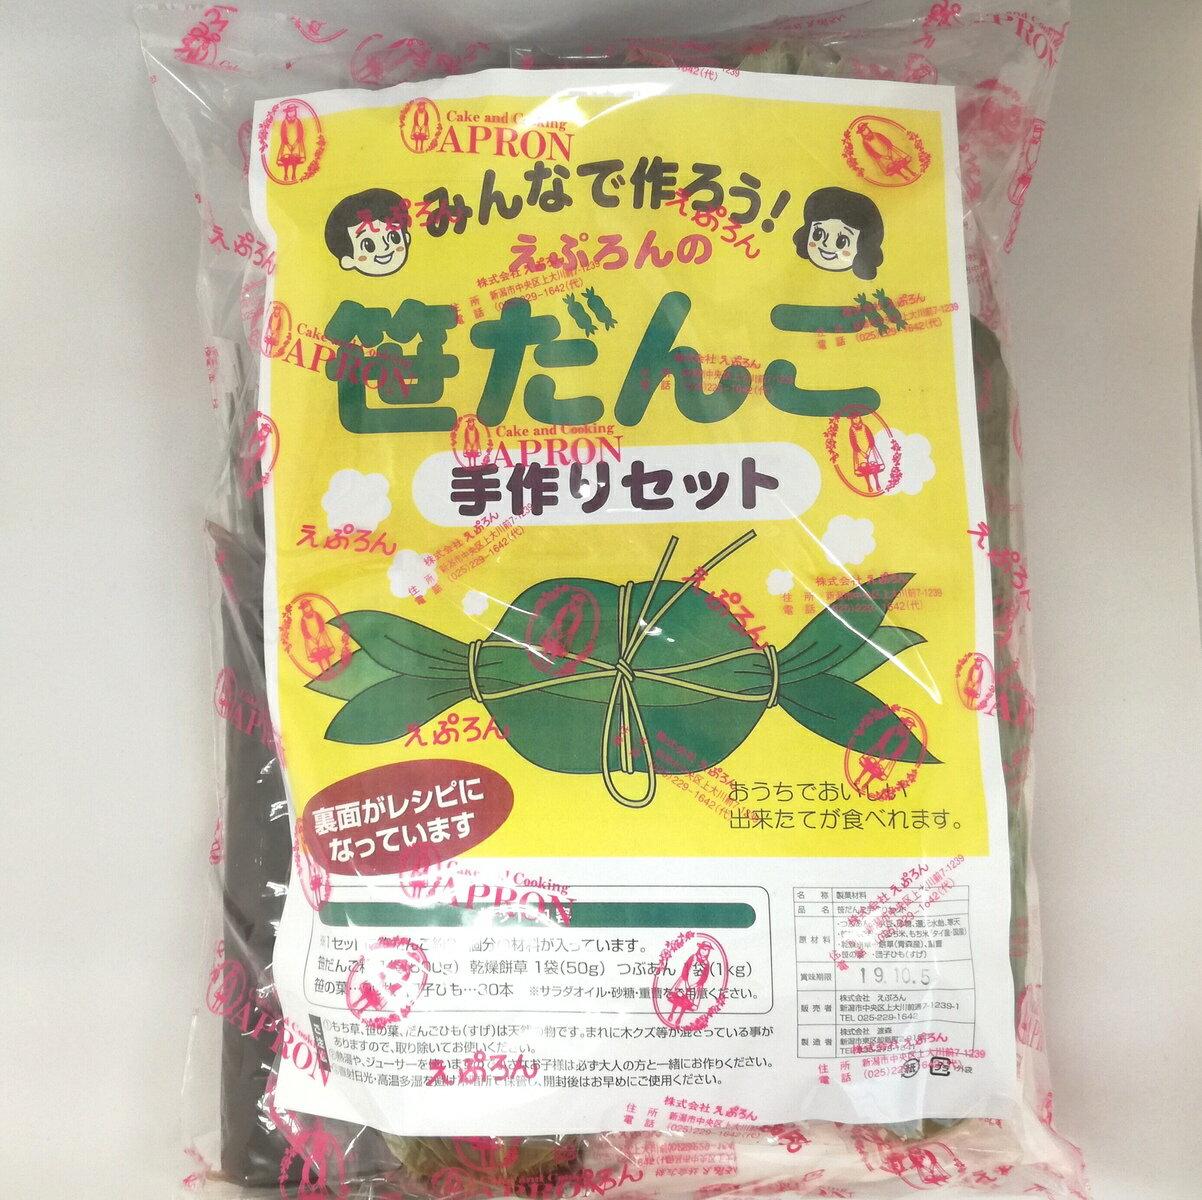 【笹団子材料】笹だんご手作りキット30個分新潟郷土菓子手作り笹だんご笹団子